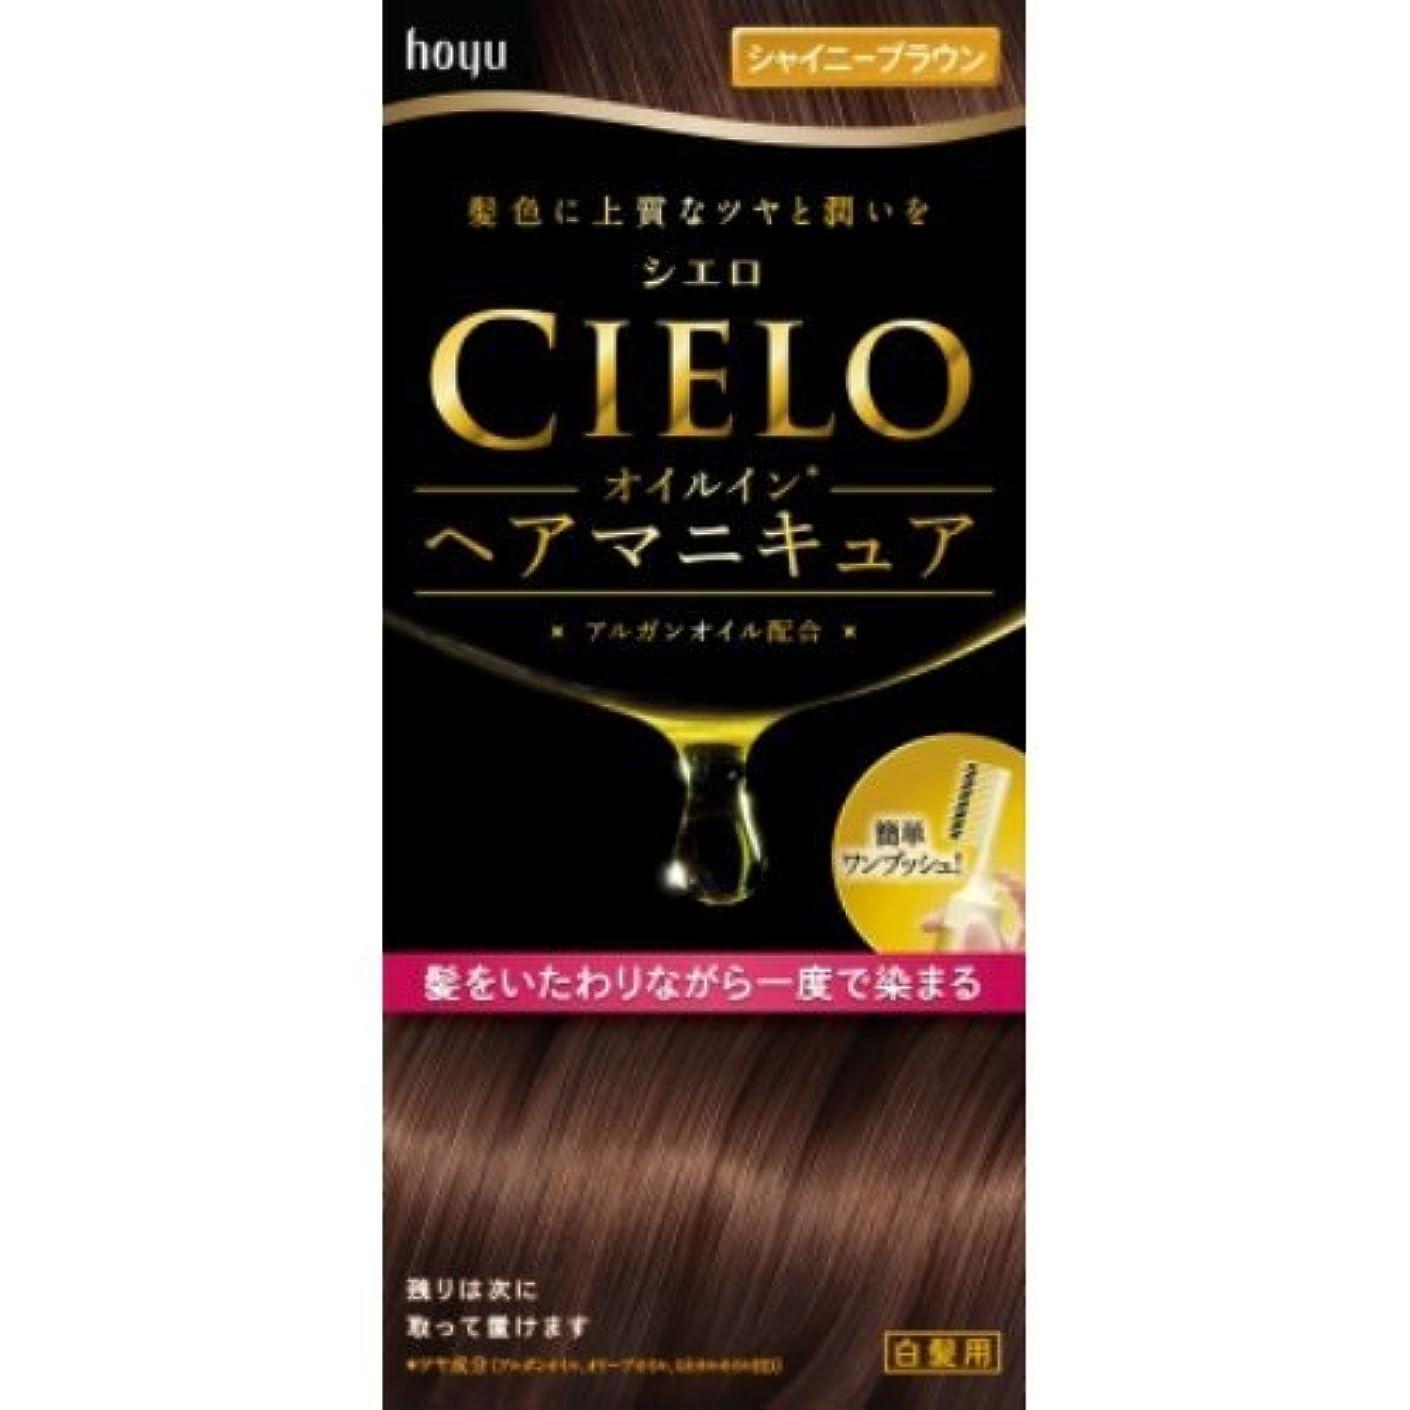 束ねる枝バブルシエロ オイルインヘアマニキュア シャイニーブラウン × 3個セット